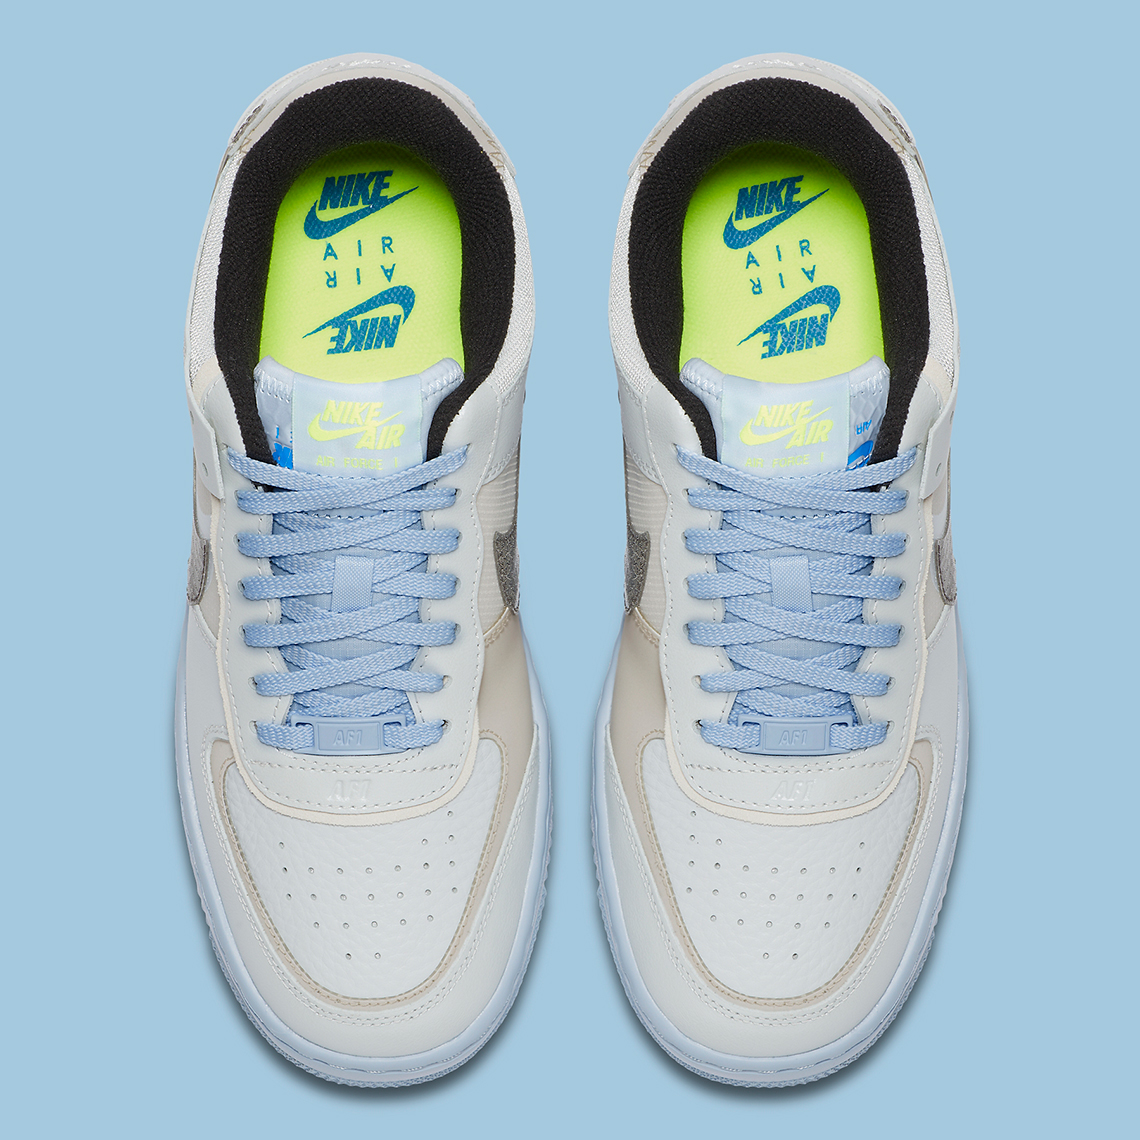 Nike Air Force 1 Shadow Snakeskin Bleu CV3027-001 - Crumpe